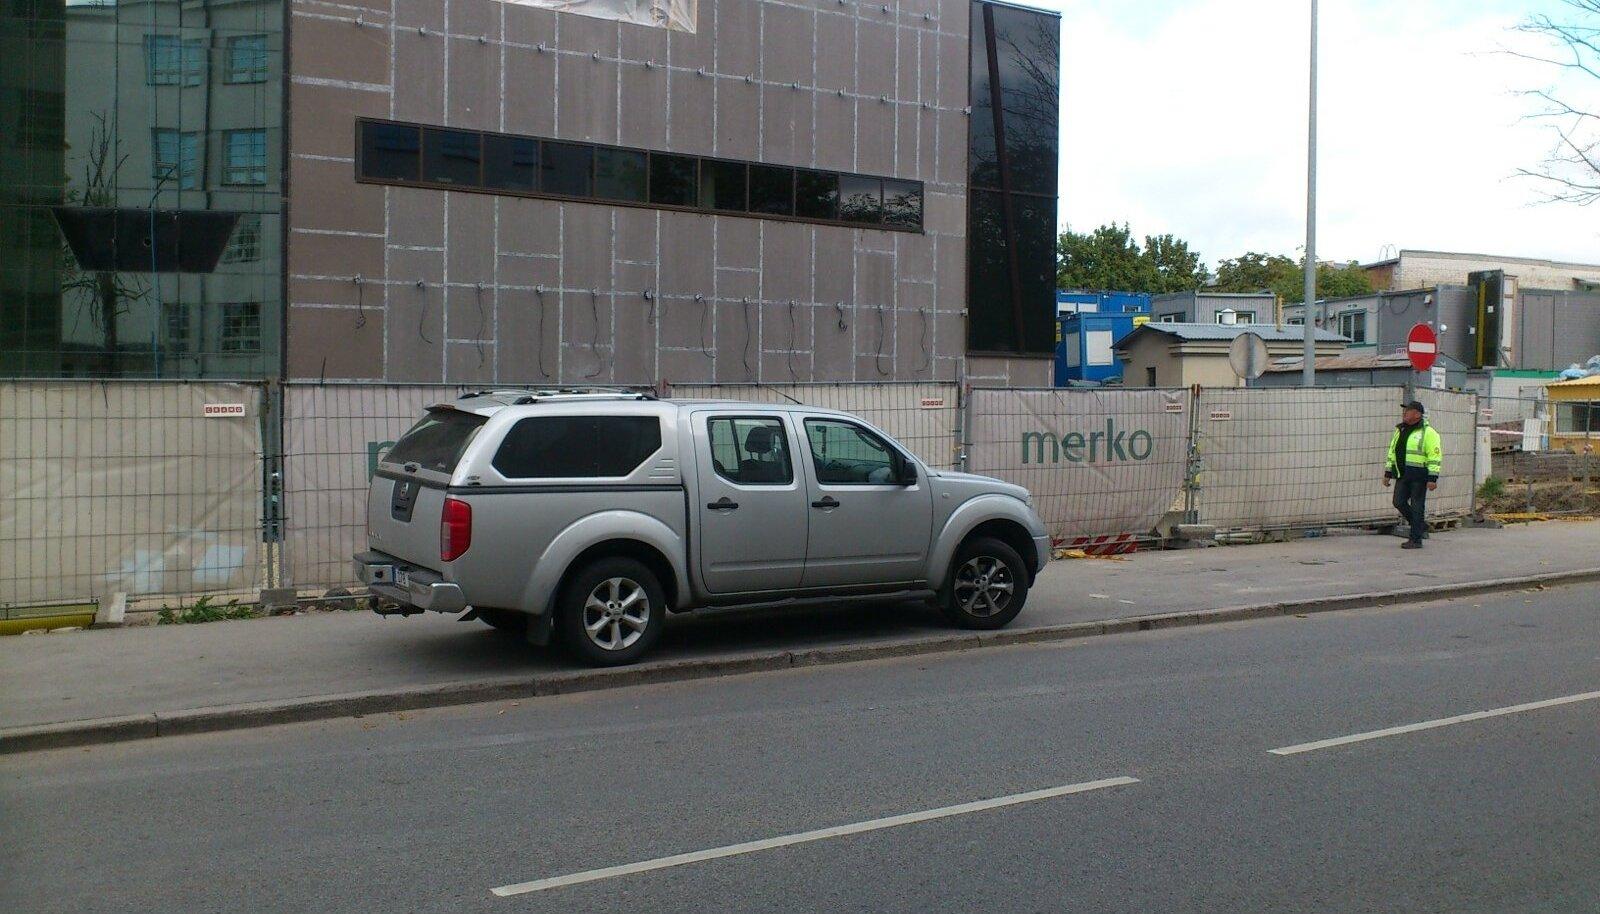 Kunderi tänava kõnnitee on muutunud parklaks